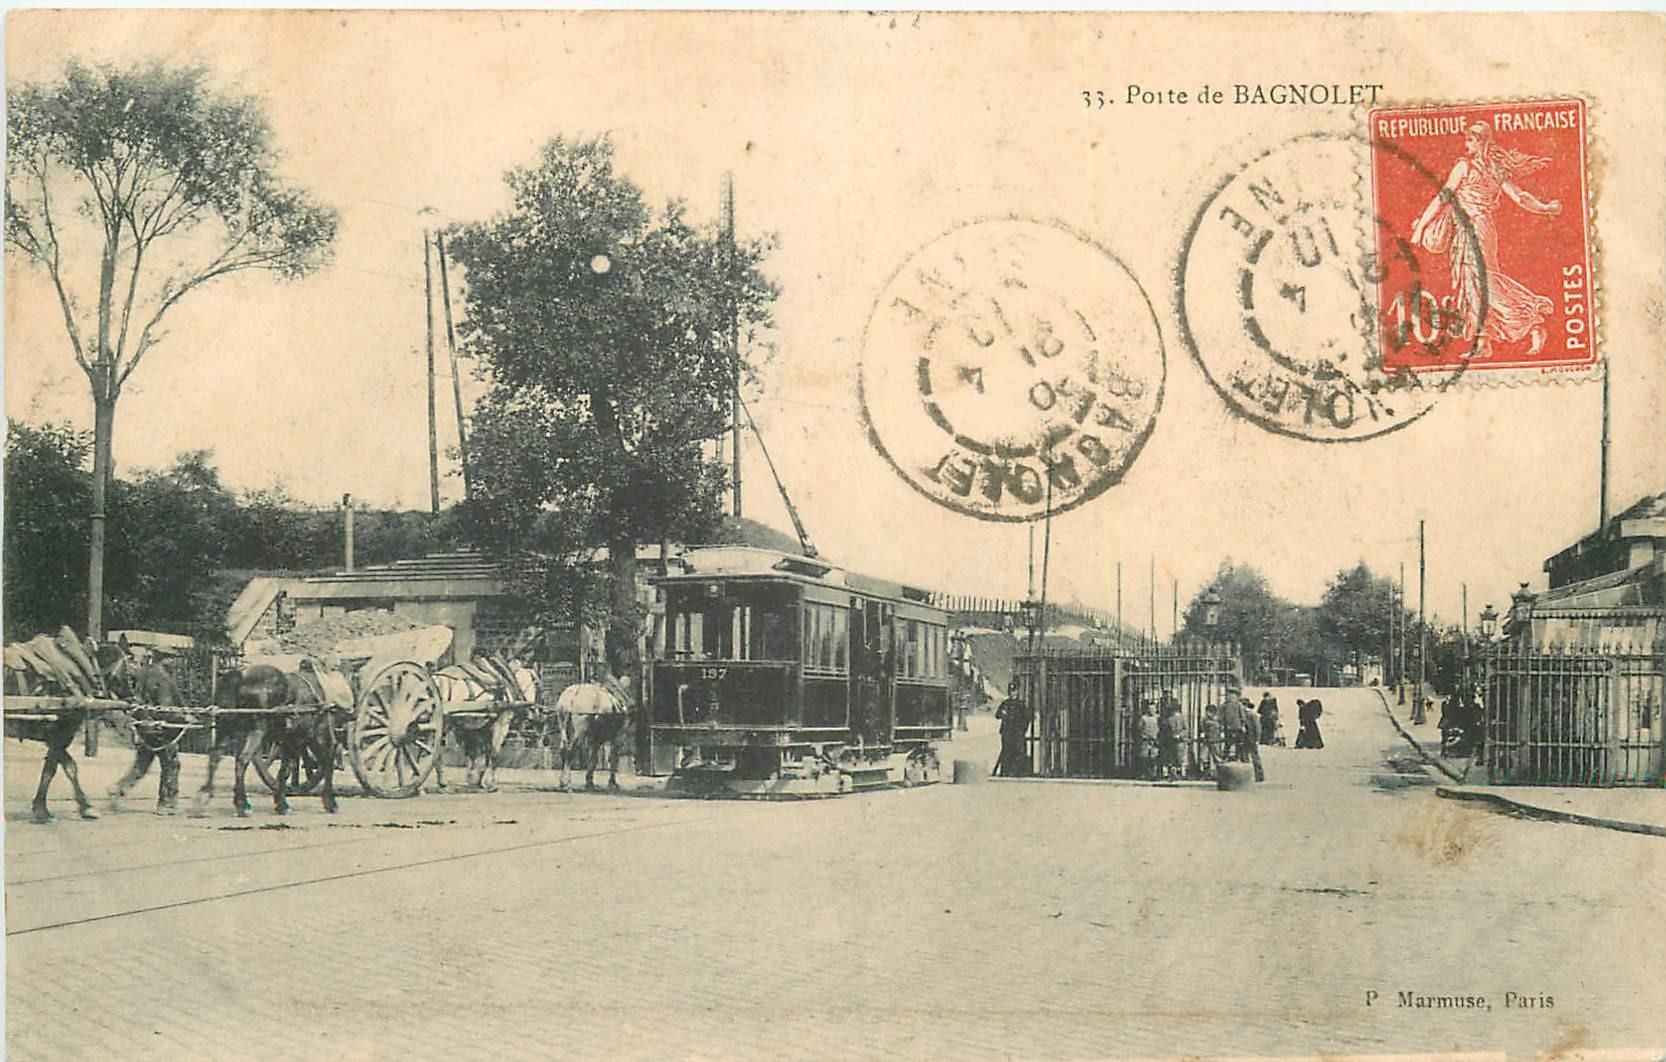 93 BAGNOLET. Tramway et Octroi à la Porte de Bagnolet 1910